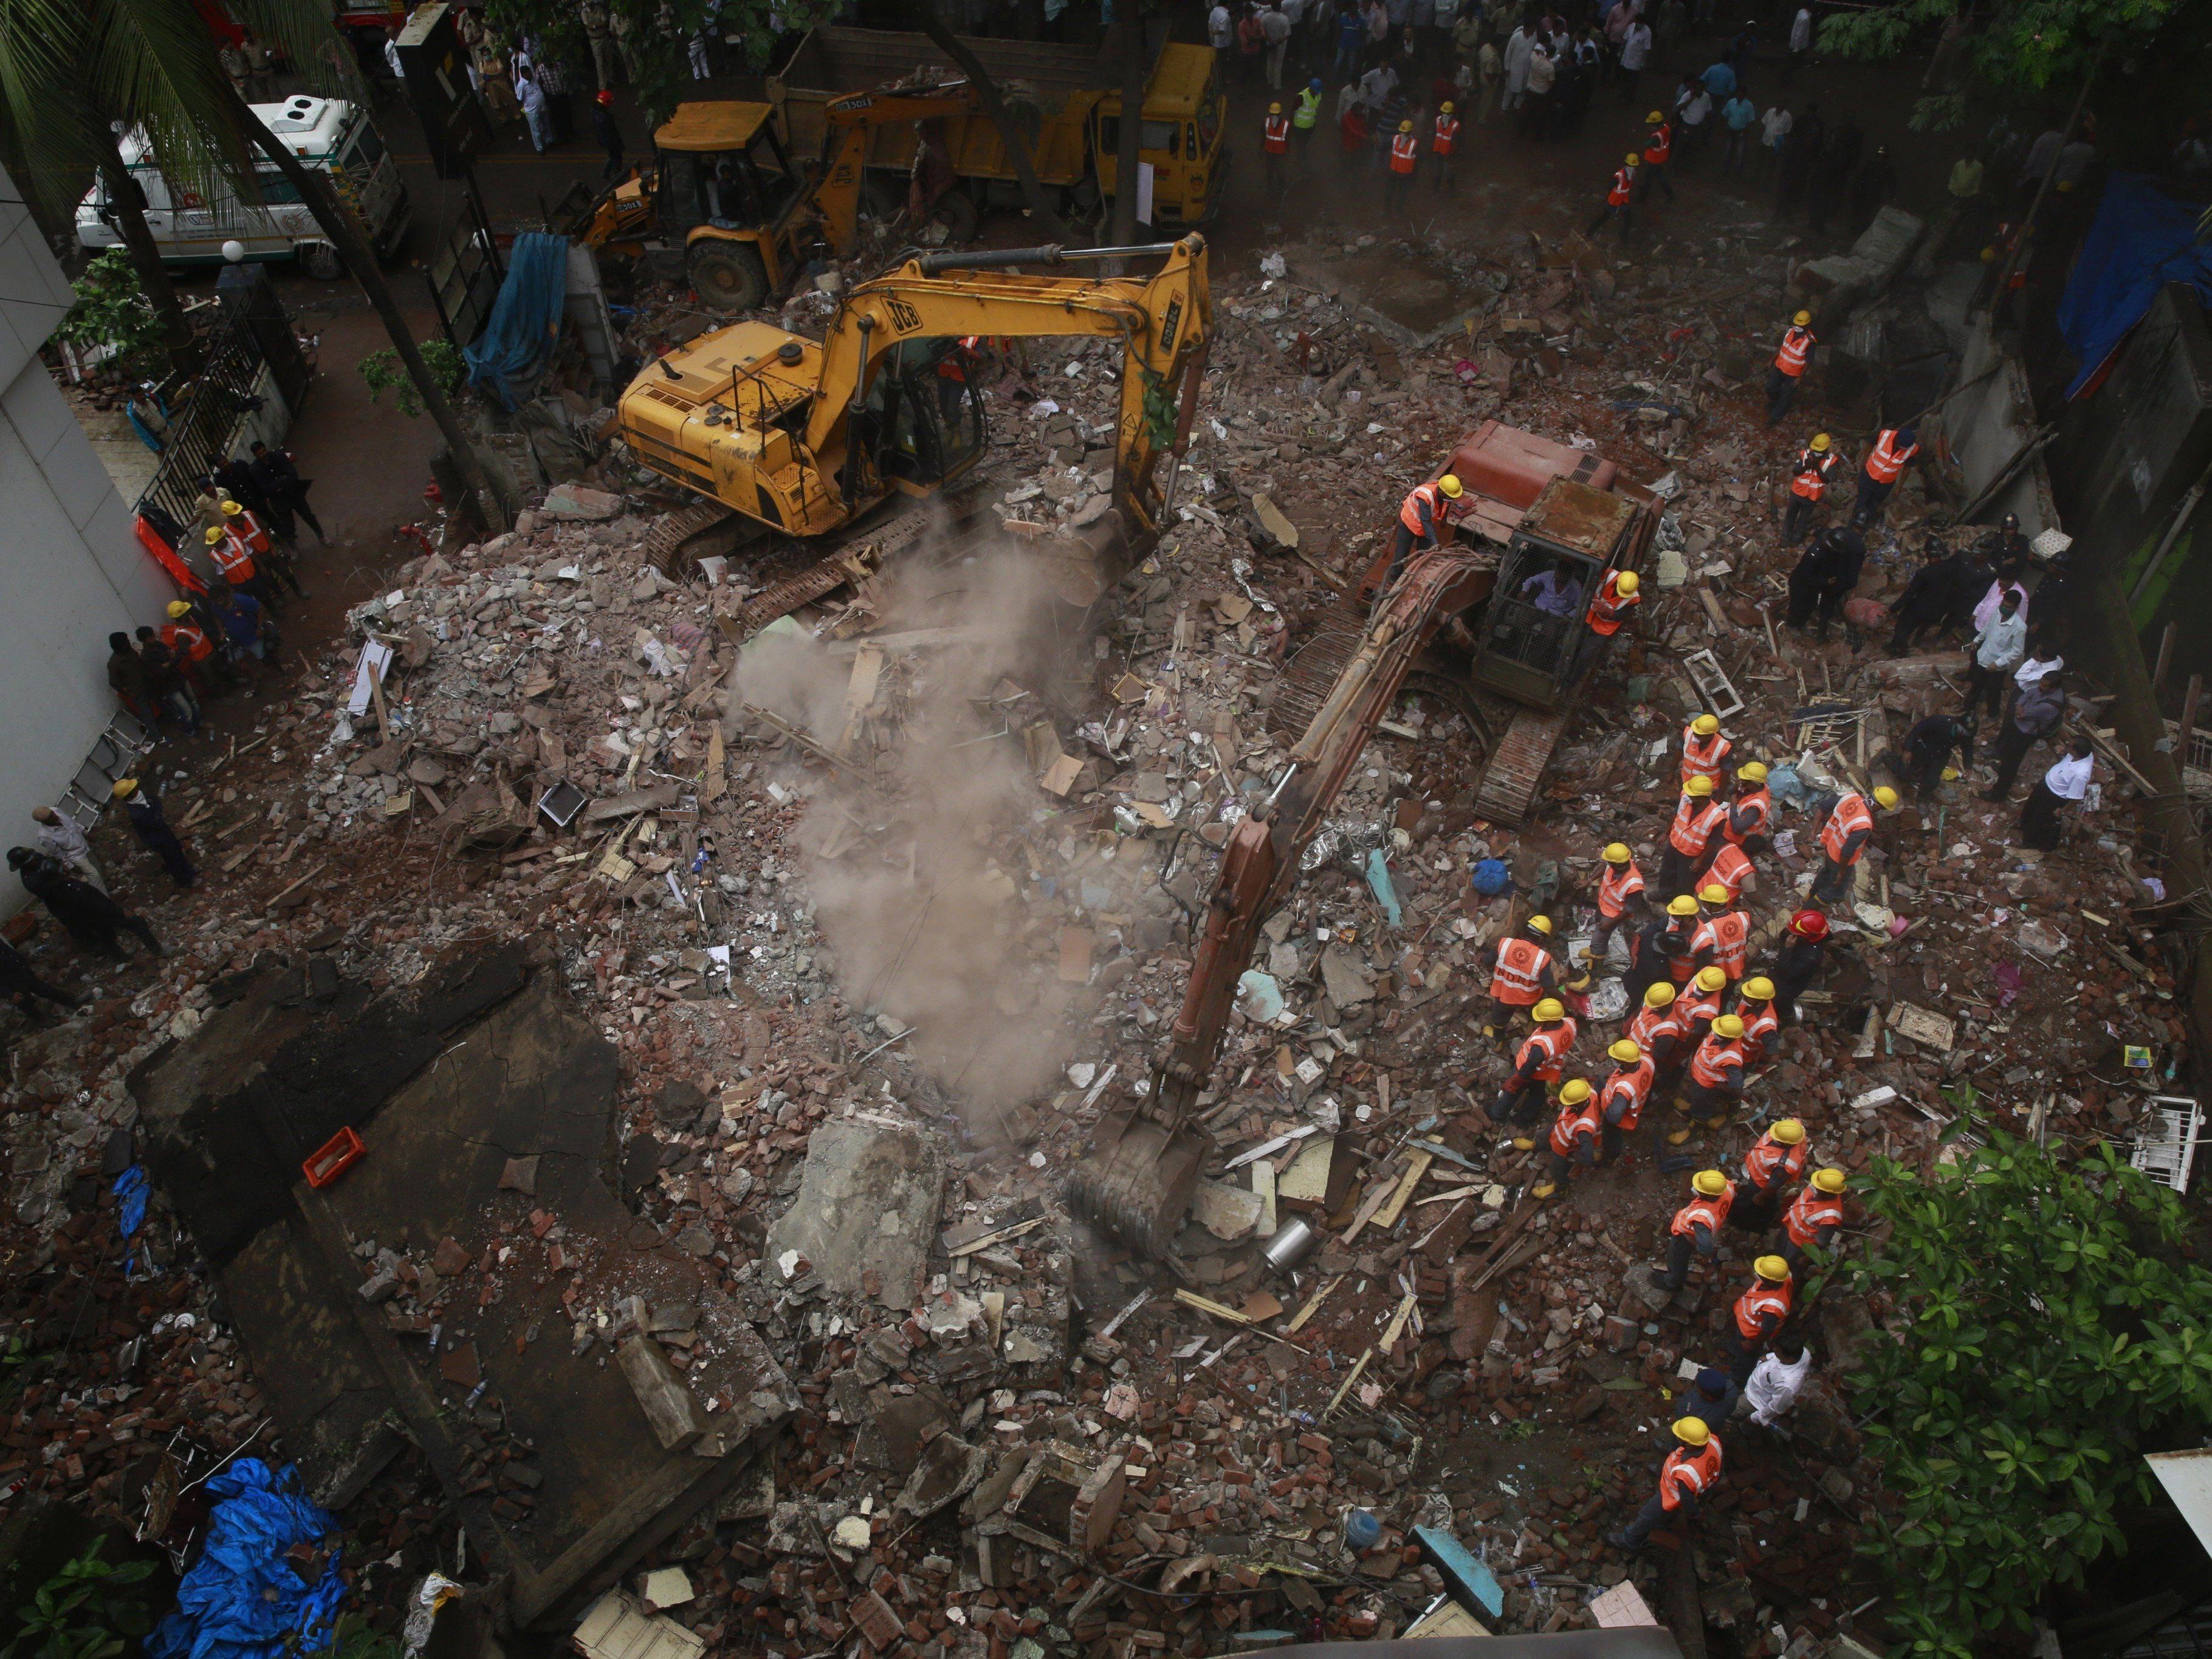 Zwölf Menschen starben in den Trümmern, mindestens sieben wurden verletzt.